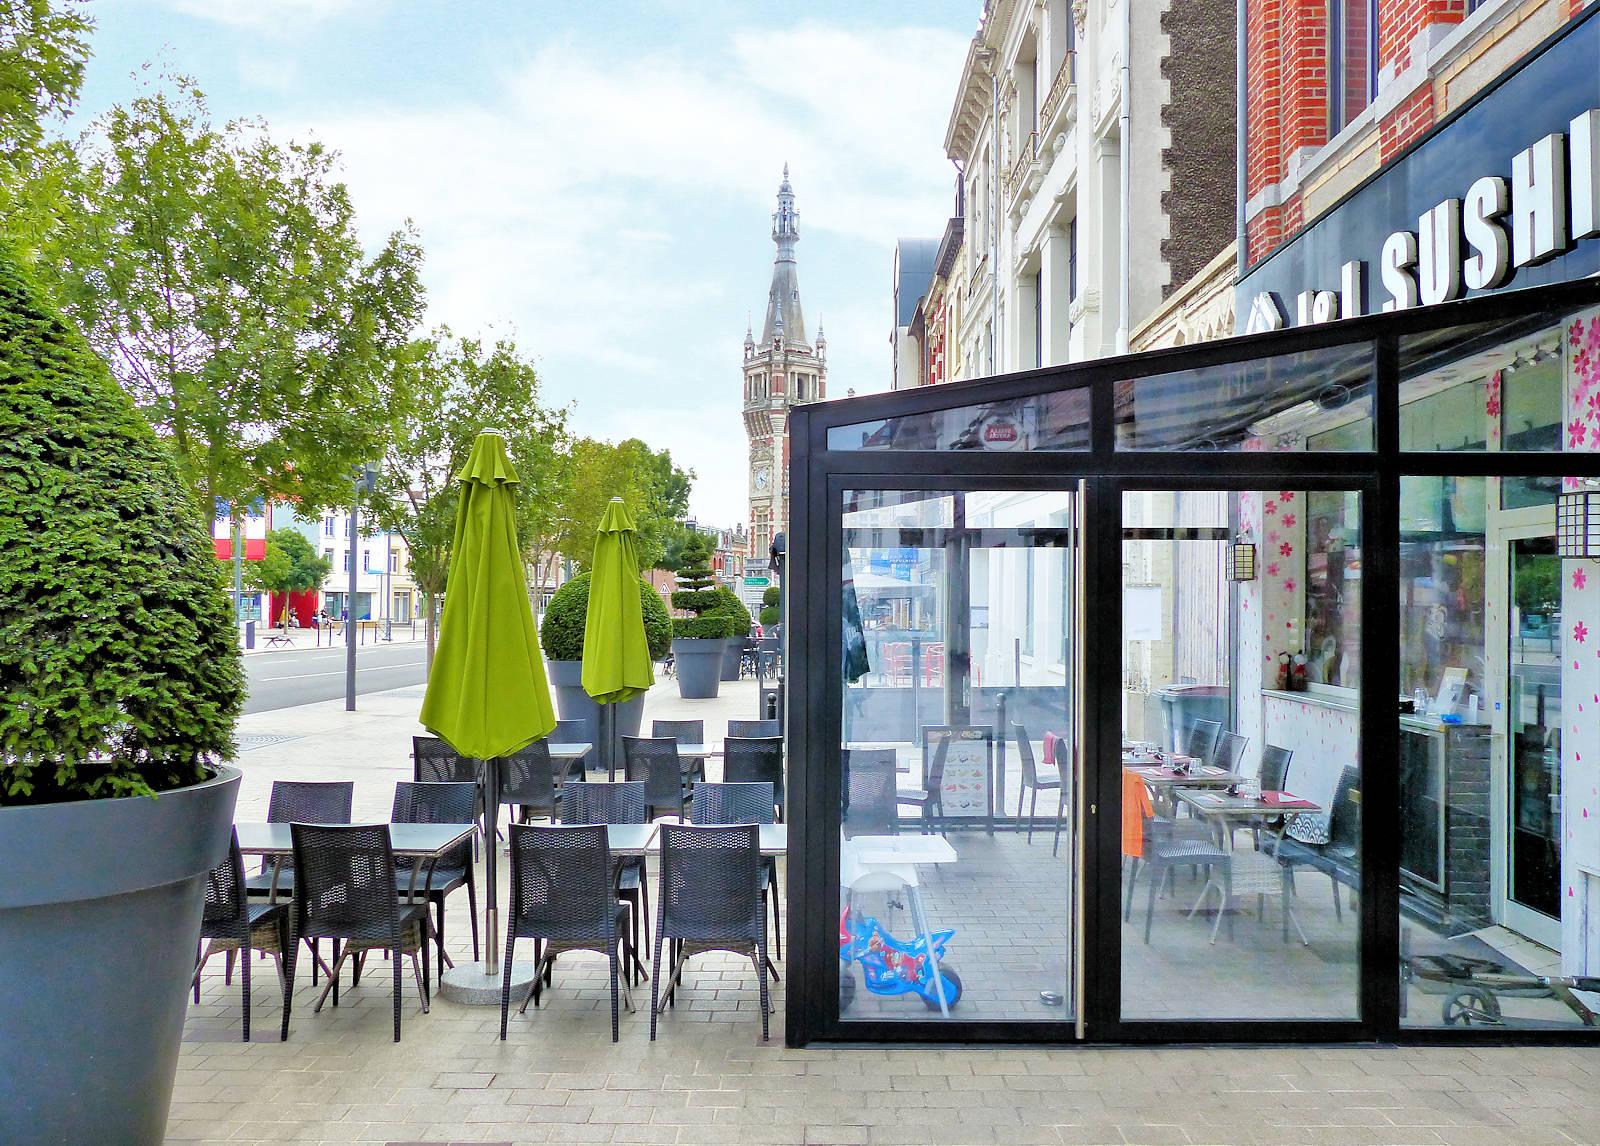 Restaurant J&J Sushi, Tourcoing Centre - Place de la République